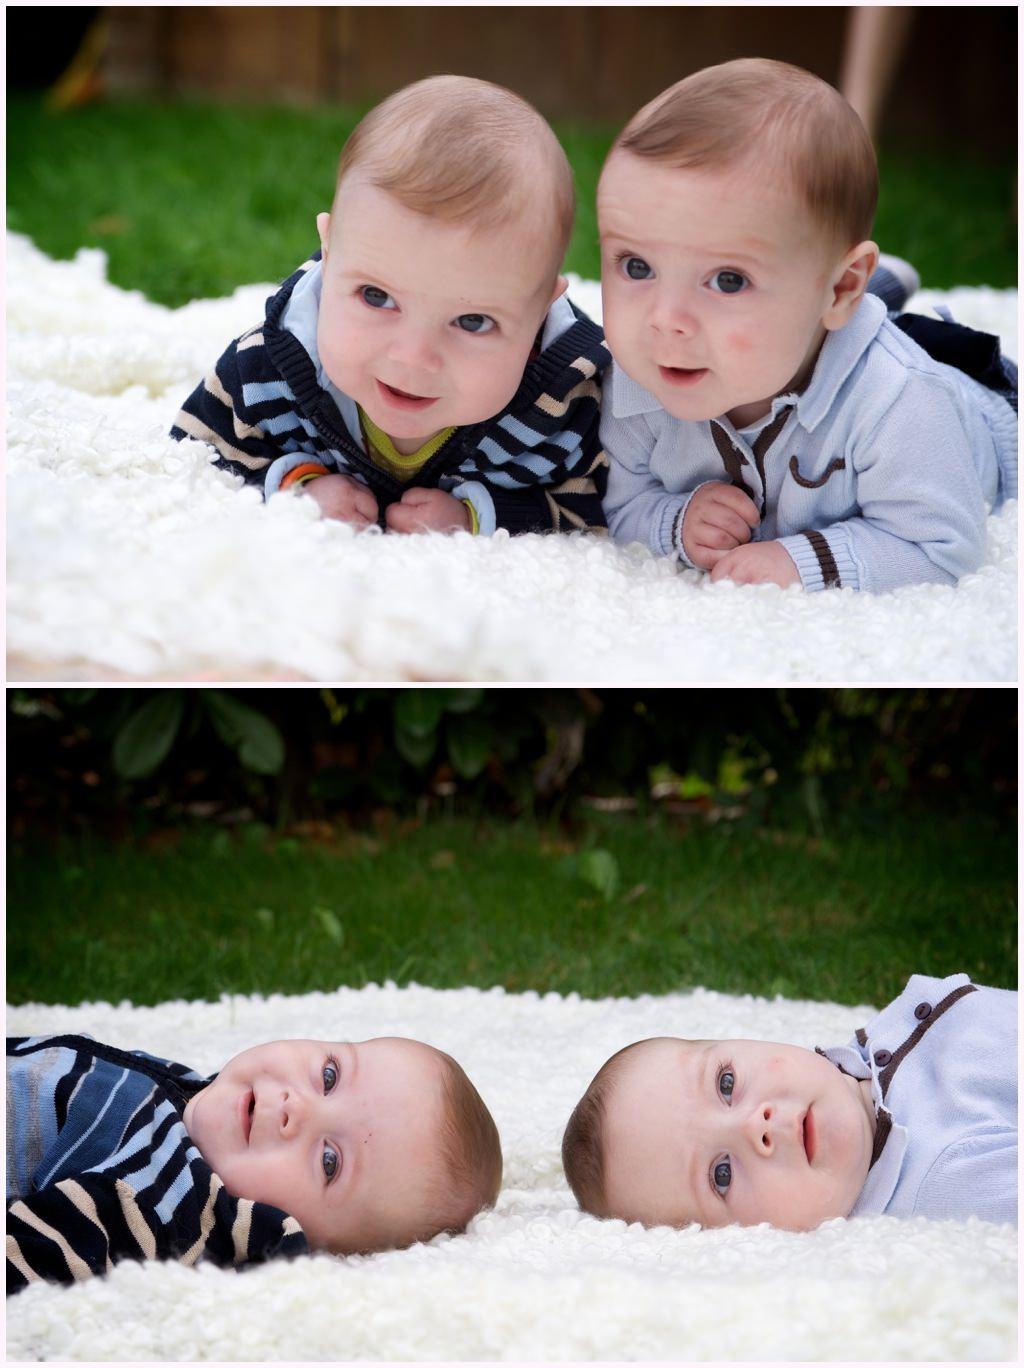 brins_de_vie_photo_bébé jumeaux